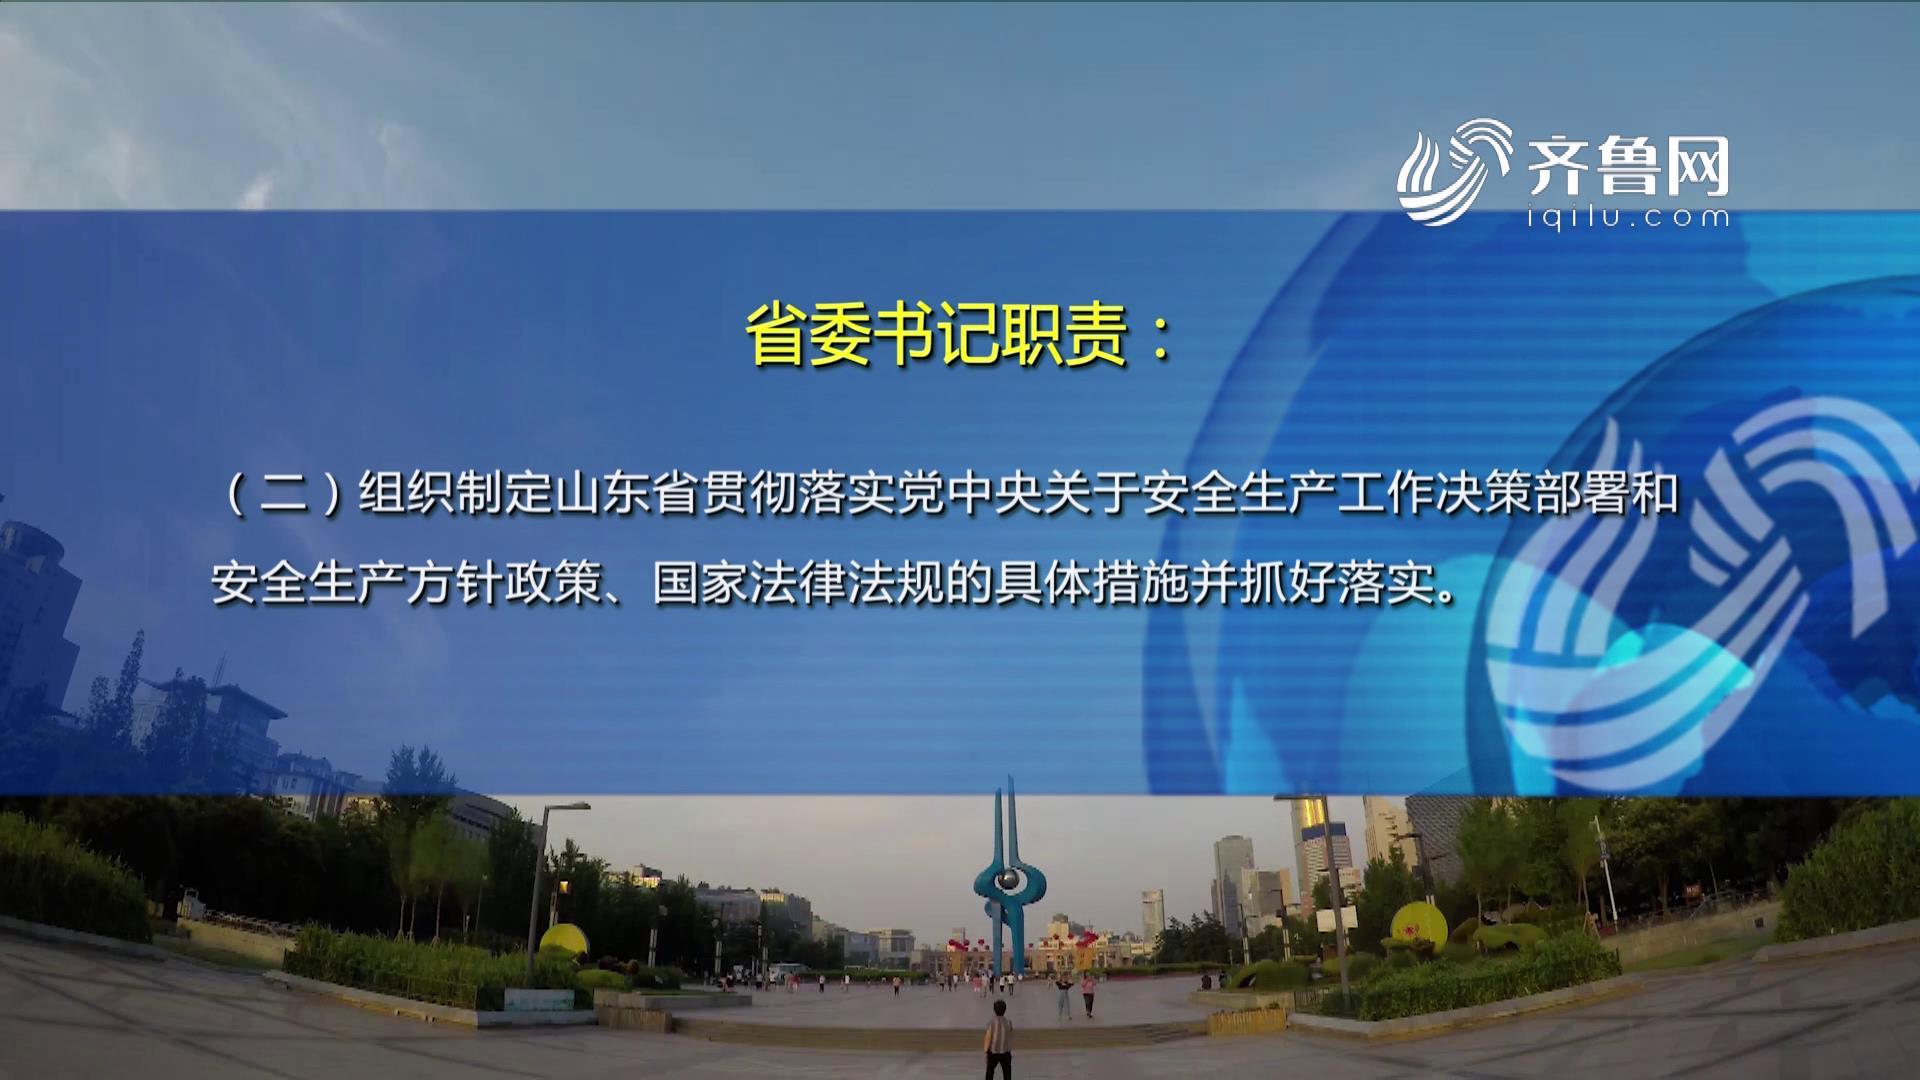 《问安齐鲁》20200426:《山东省党政领导干部安全生产工作职责》出台